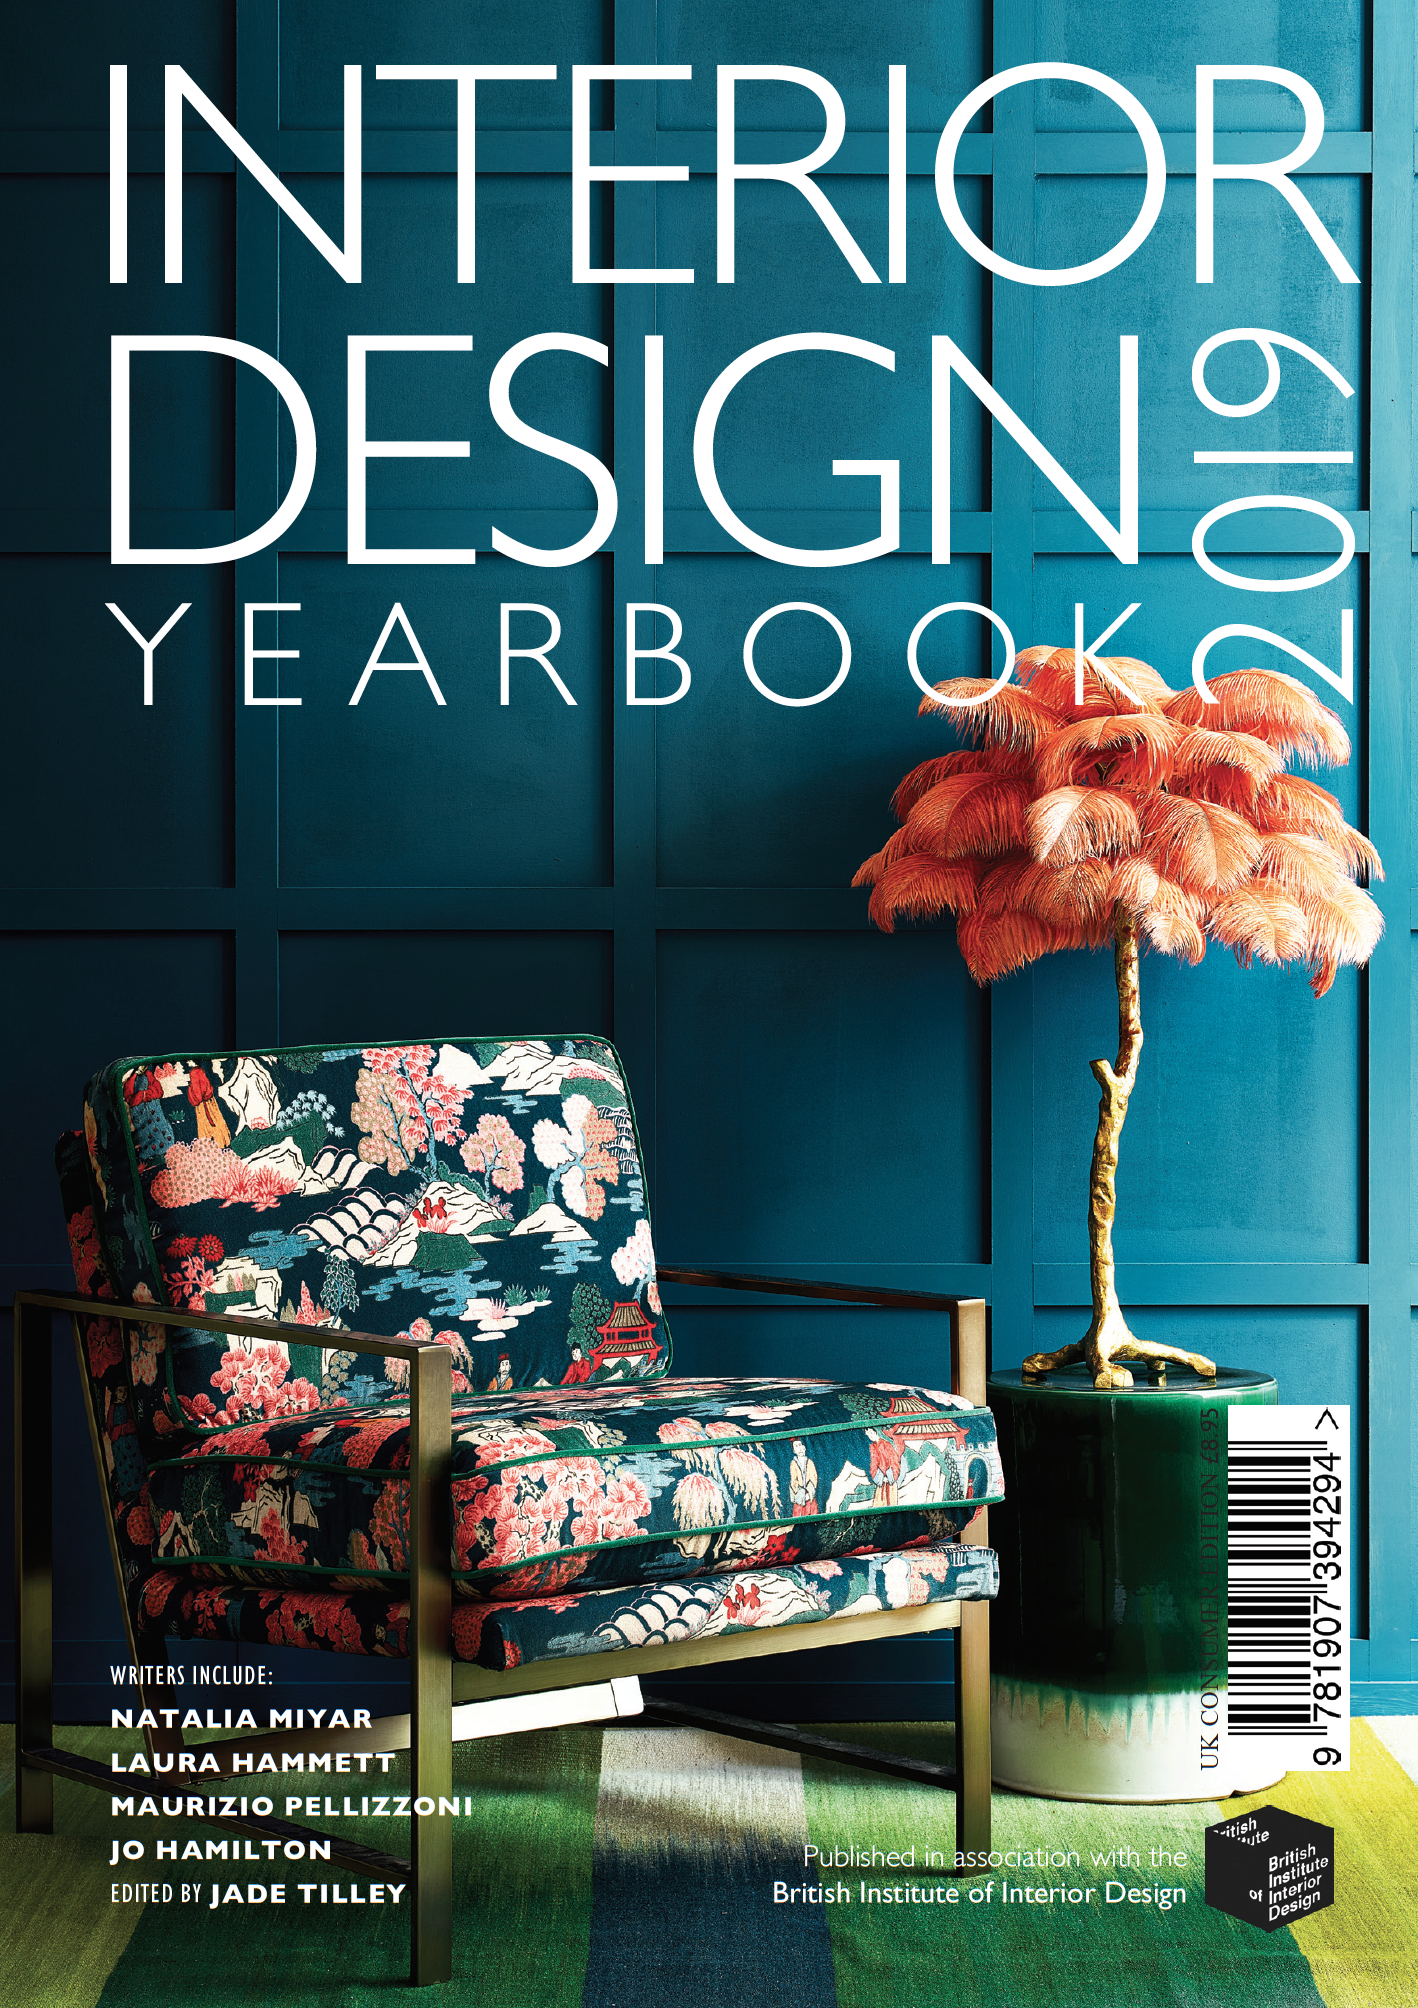 Interior Design Yearbook 2019 featuring luxury interior designer Jo Hamilton - consumer edition front.pdf